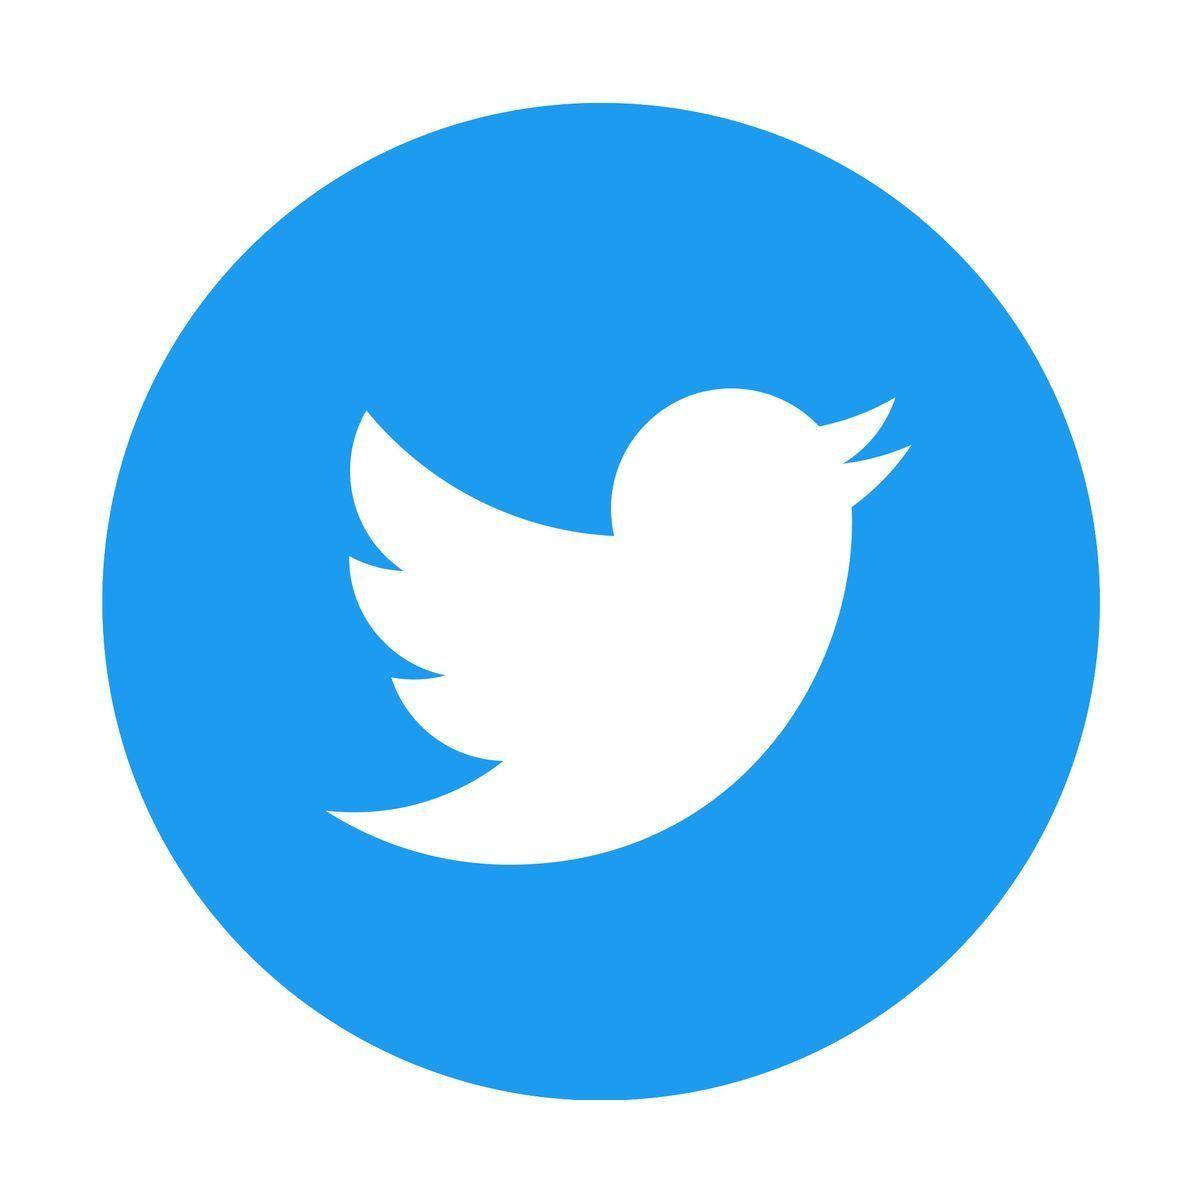 Twitterのアイコンに使える、無料素材サイト12選 - 著作権クレジット不要   マイナビニュース